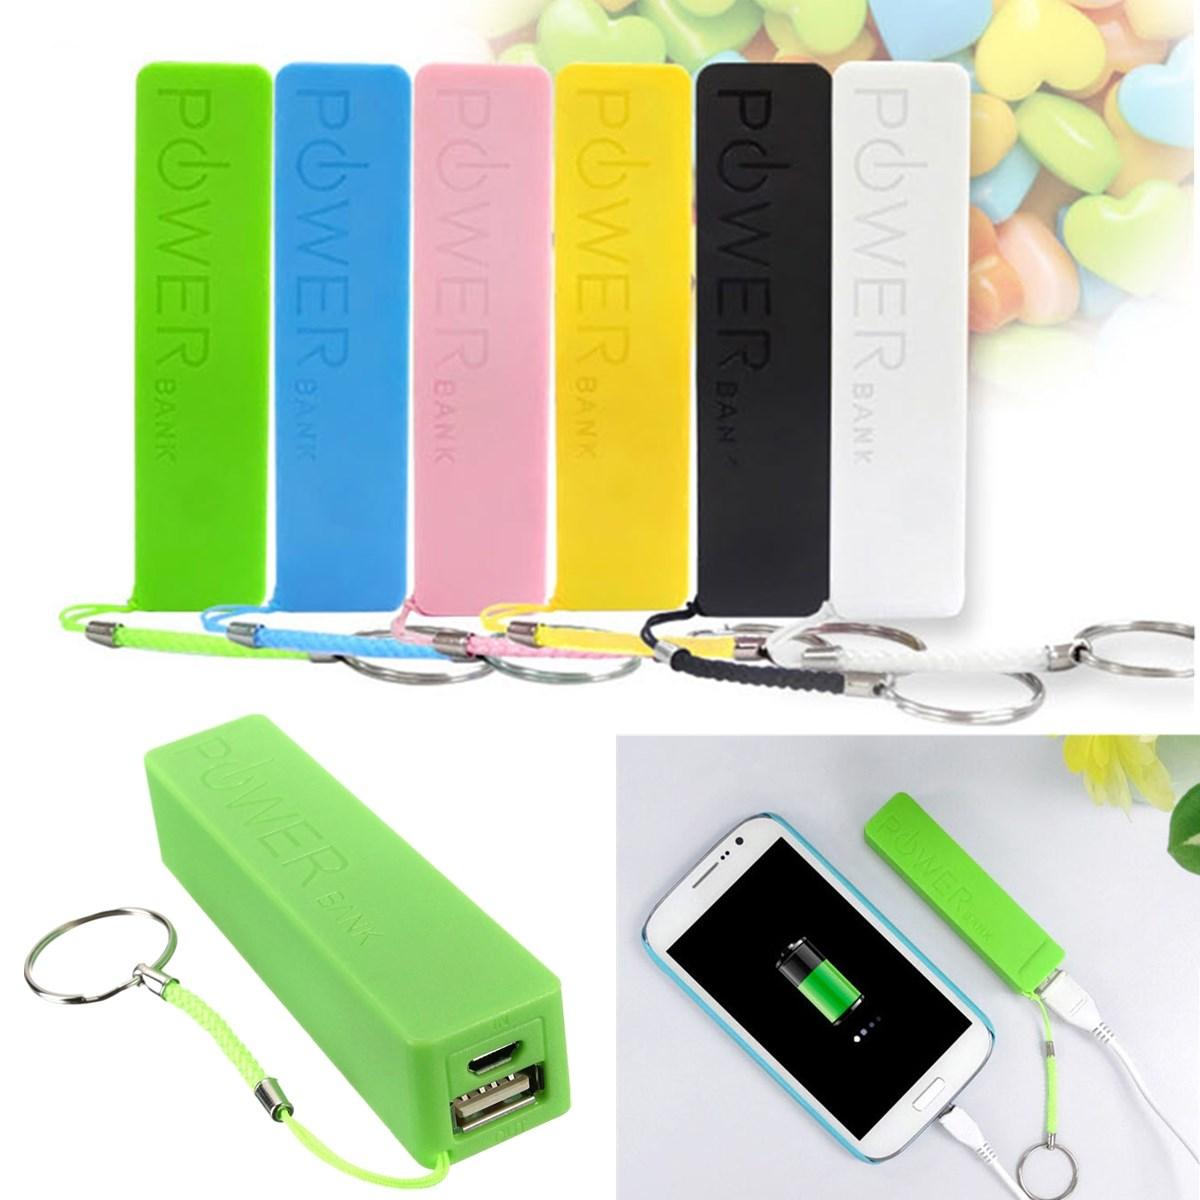 Зарядное устройство 18650 Box Battery Charger зарядное устройство 2001 3000 box 20sets lot 18650 2600mah portable battery charger